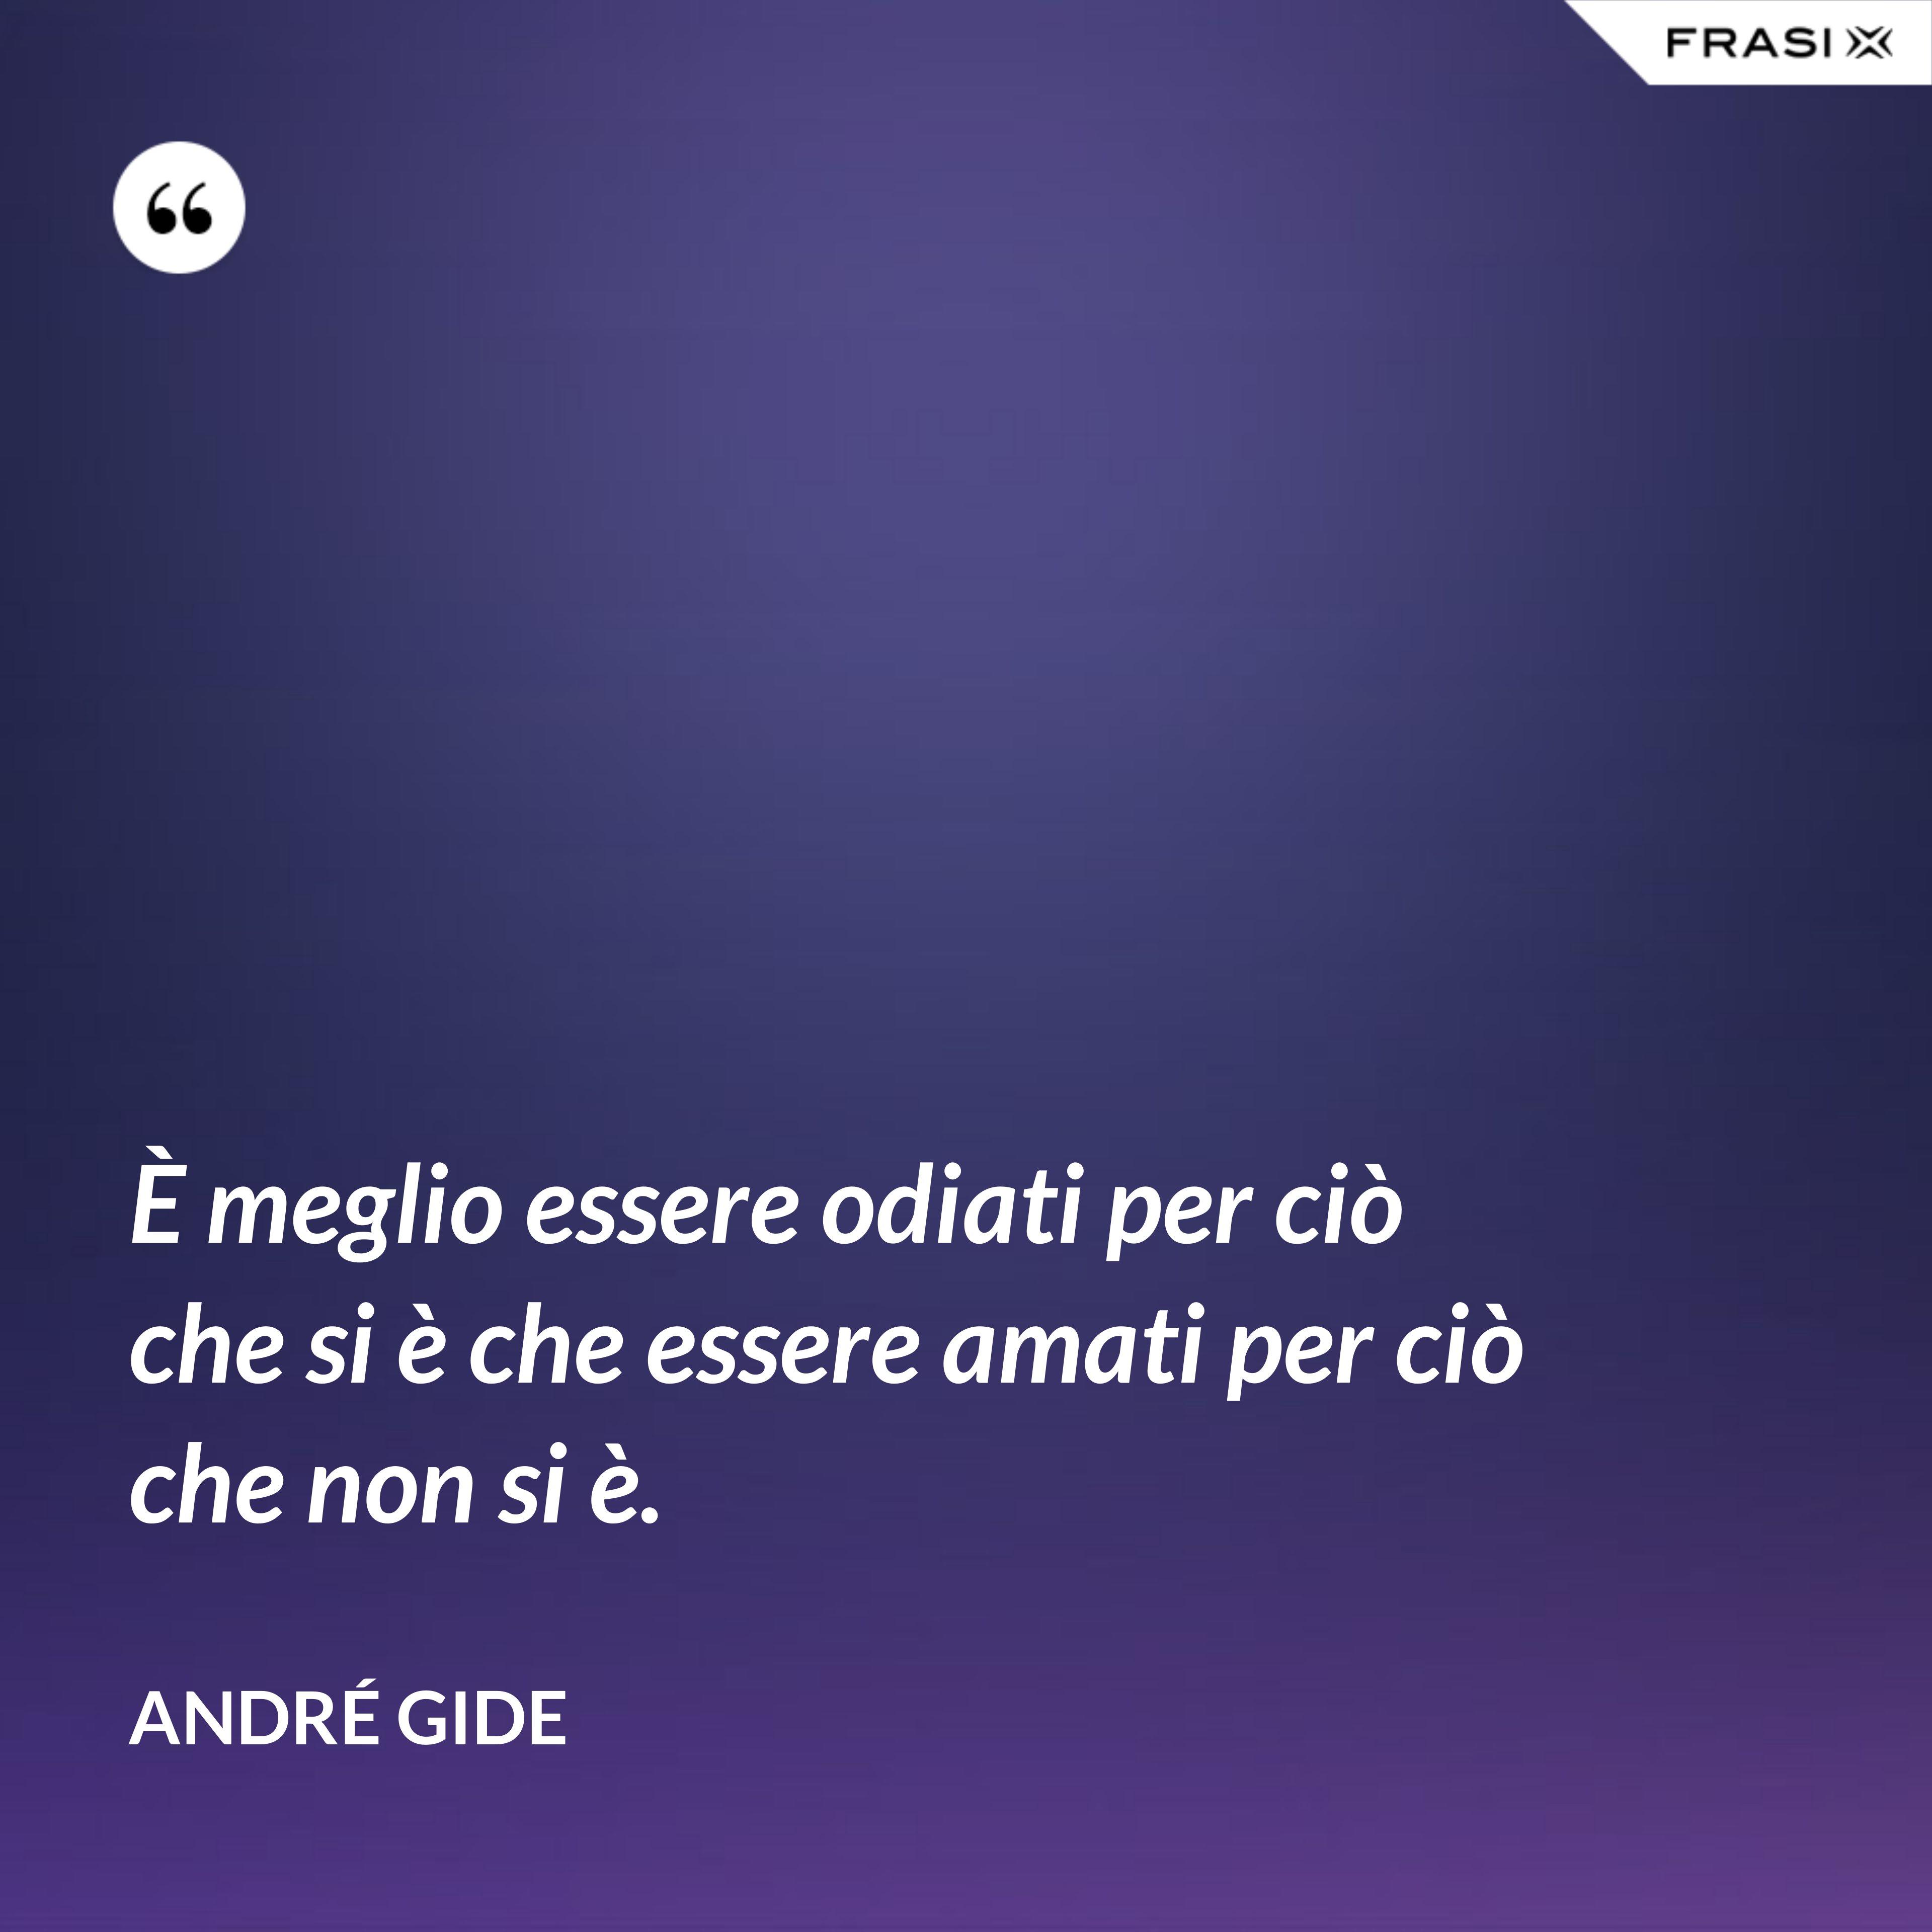 È meglio essere odiati per ciò che si è che essere amati per ciò che non si è. - André Gide